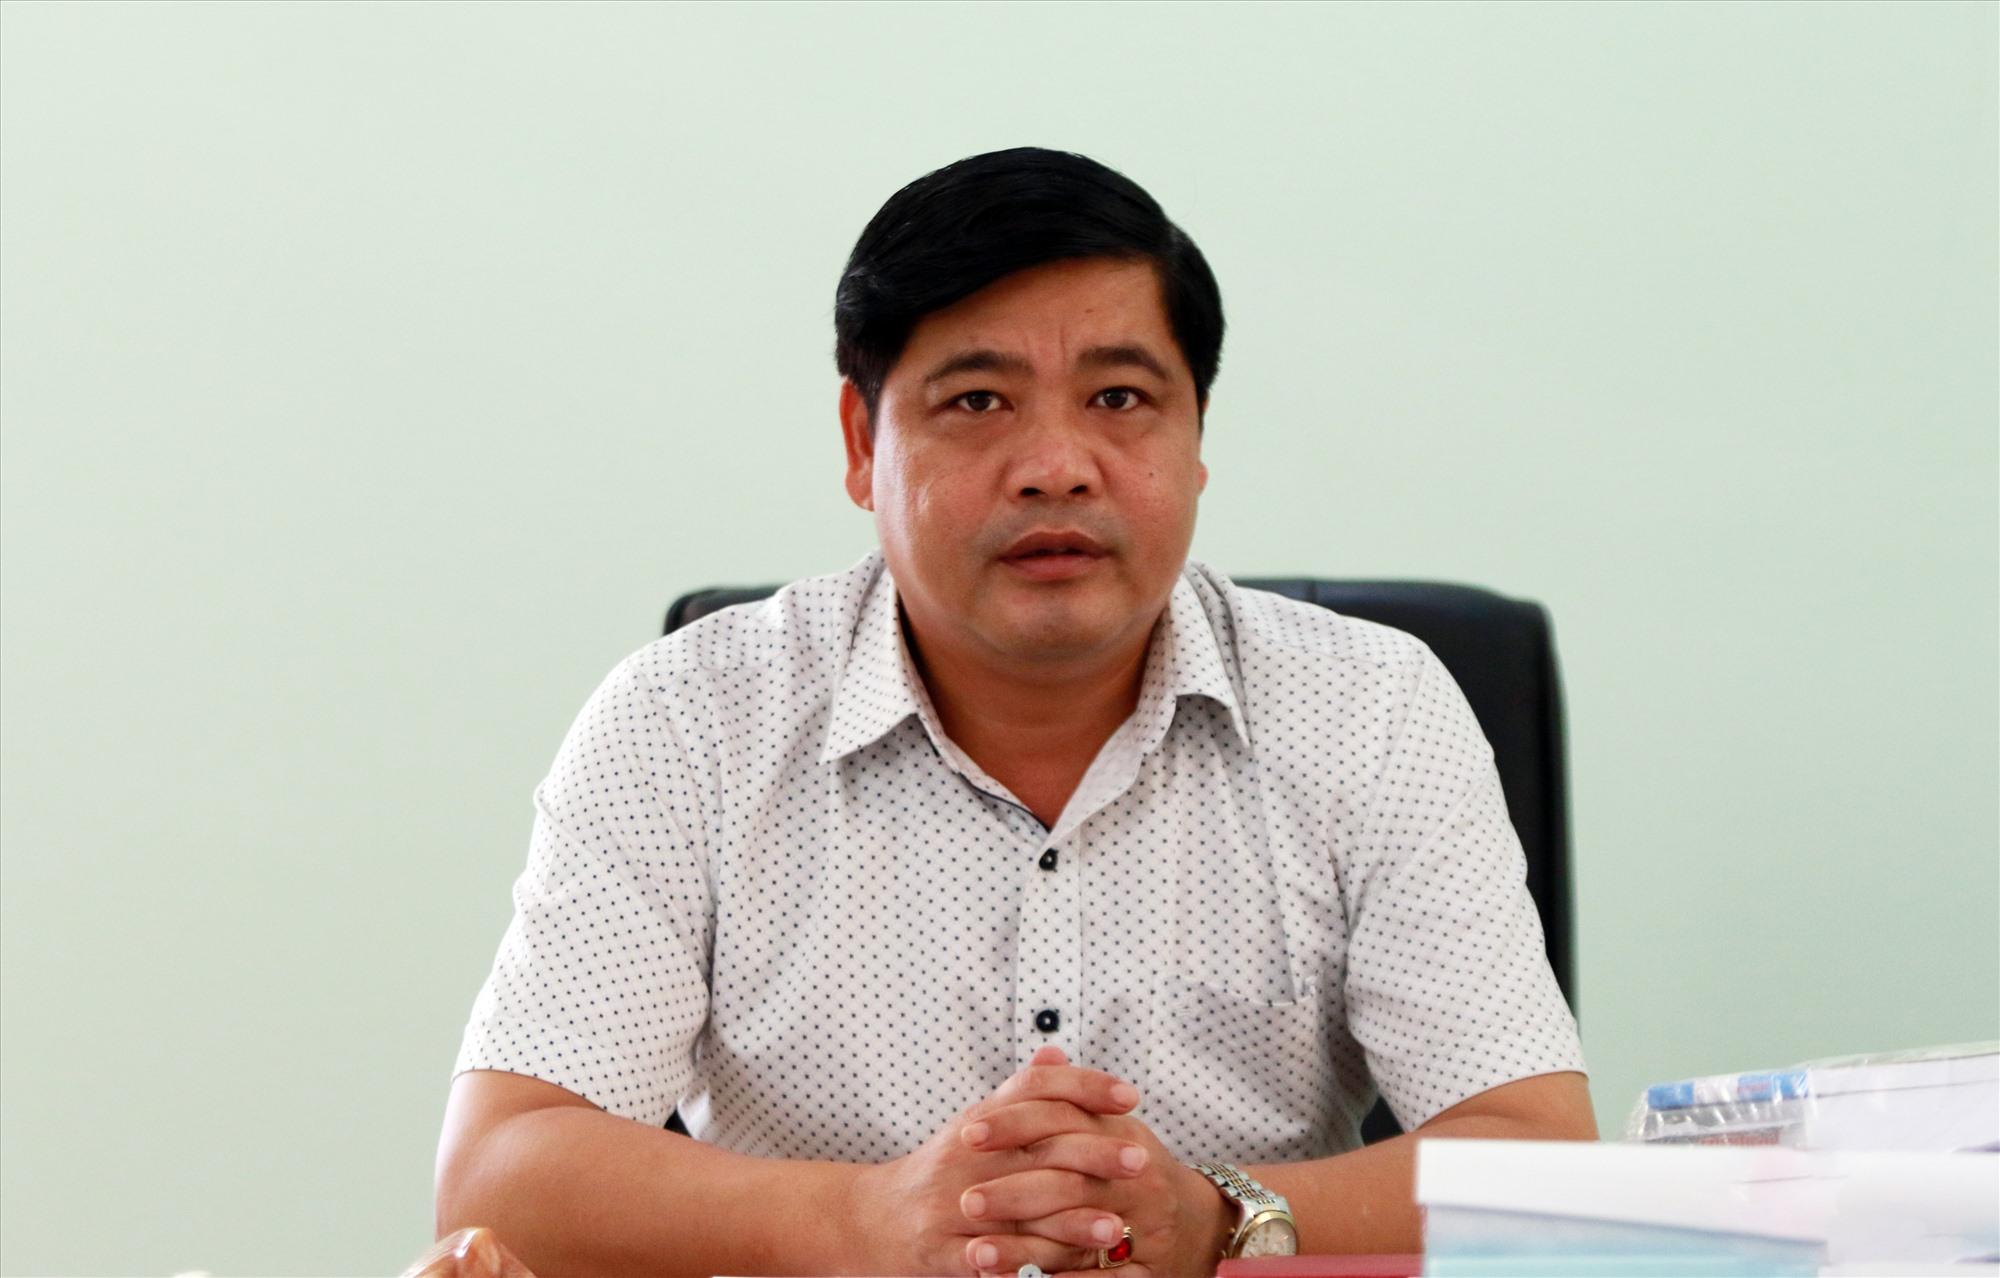 Bí thư Huyện ủy, Chủ tịch UBND huyện Phước Sơn - Nguyễn Mạnh Hà.